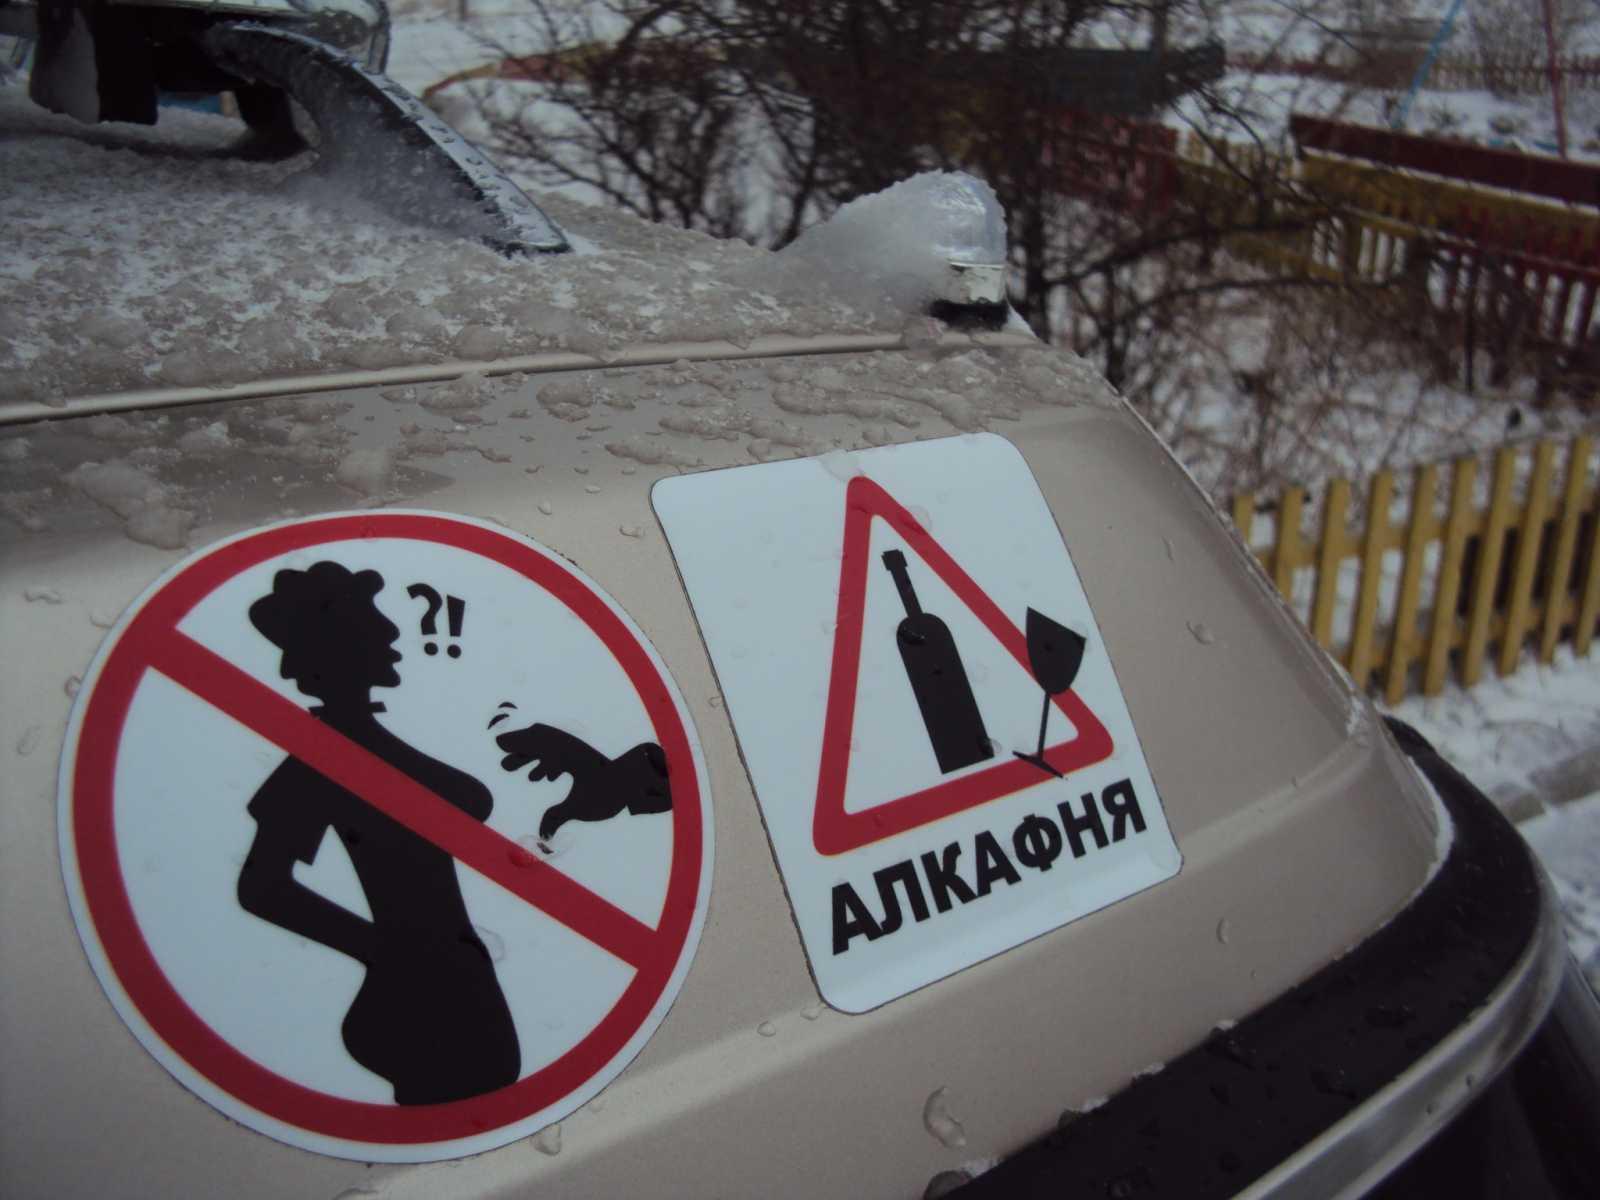 АЛКОФНЯ МЛИН!!!